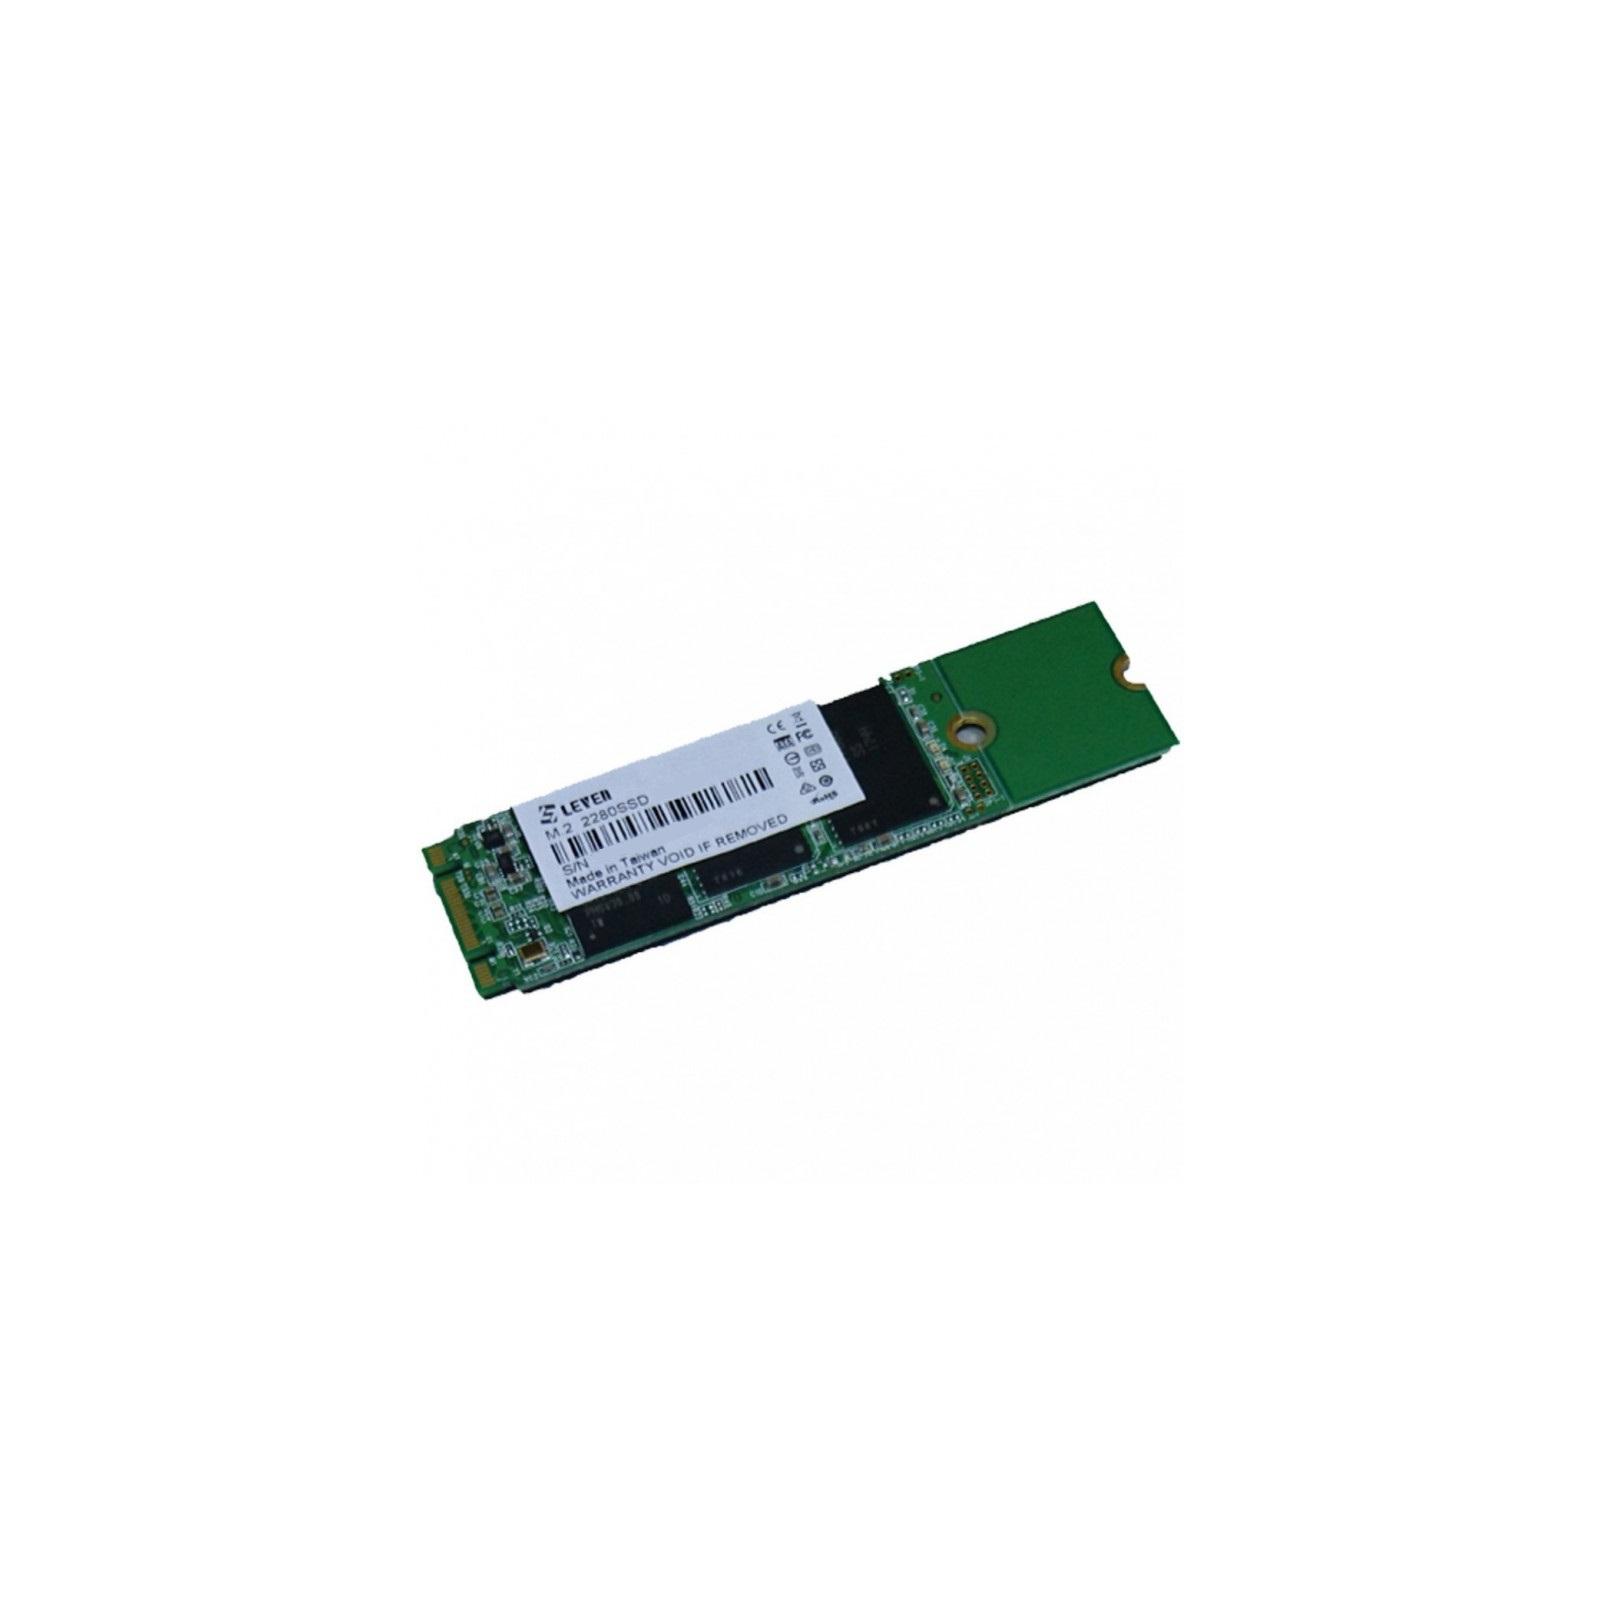 Накопитель SSD M.2 2280 480GB LEVEN (JM300M2-2280480GB)